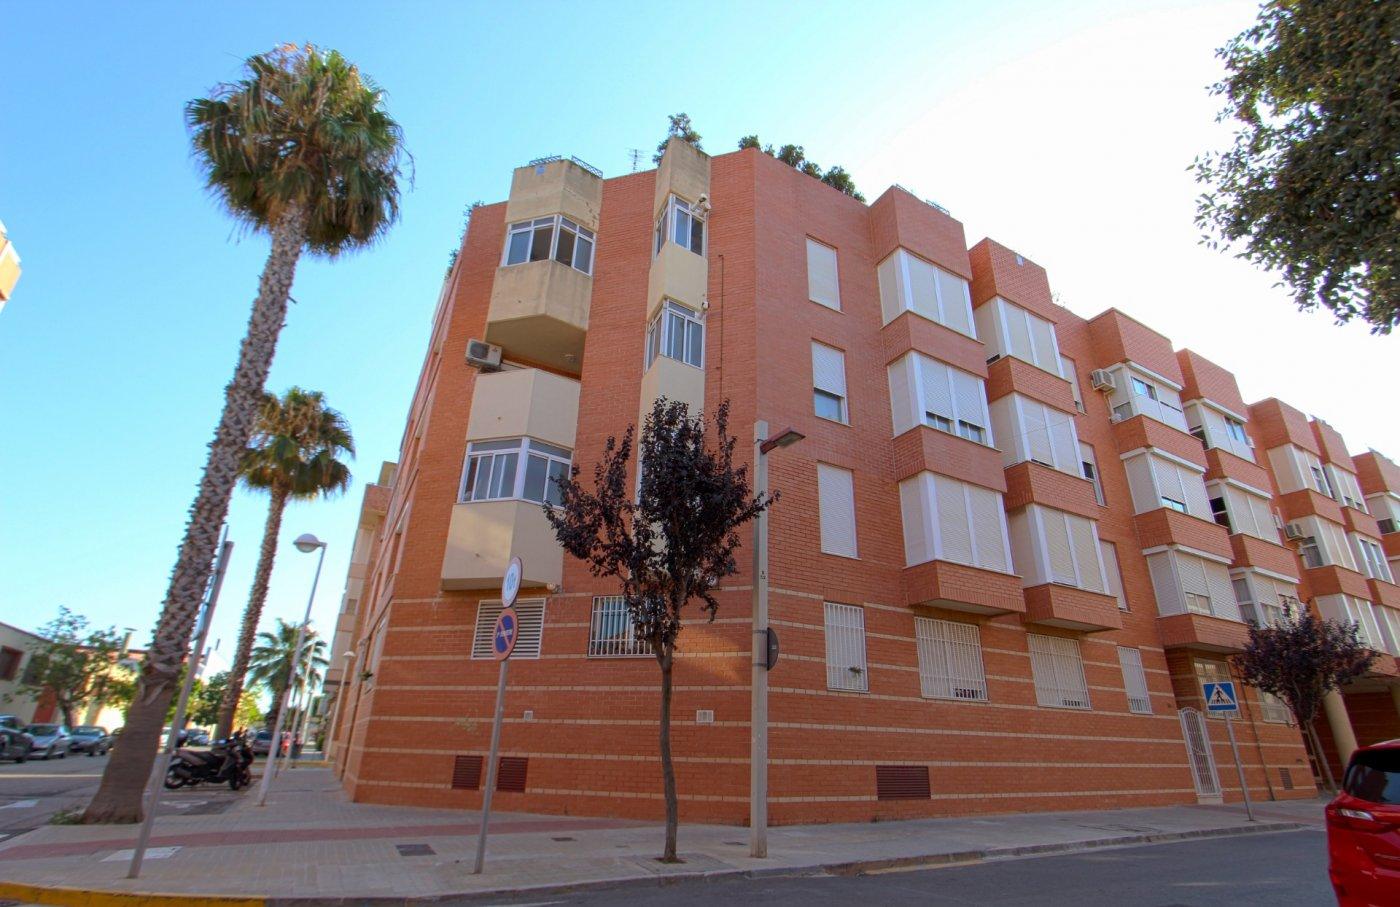 ¿Quieres vivir lo más cerca posible de Valencia? ¿Te gustaría que fuera una vivienda seminueva?